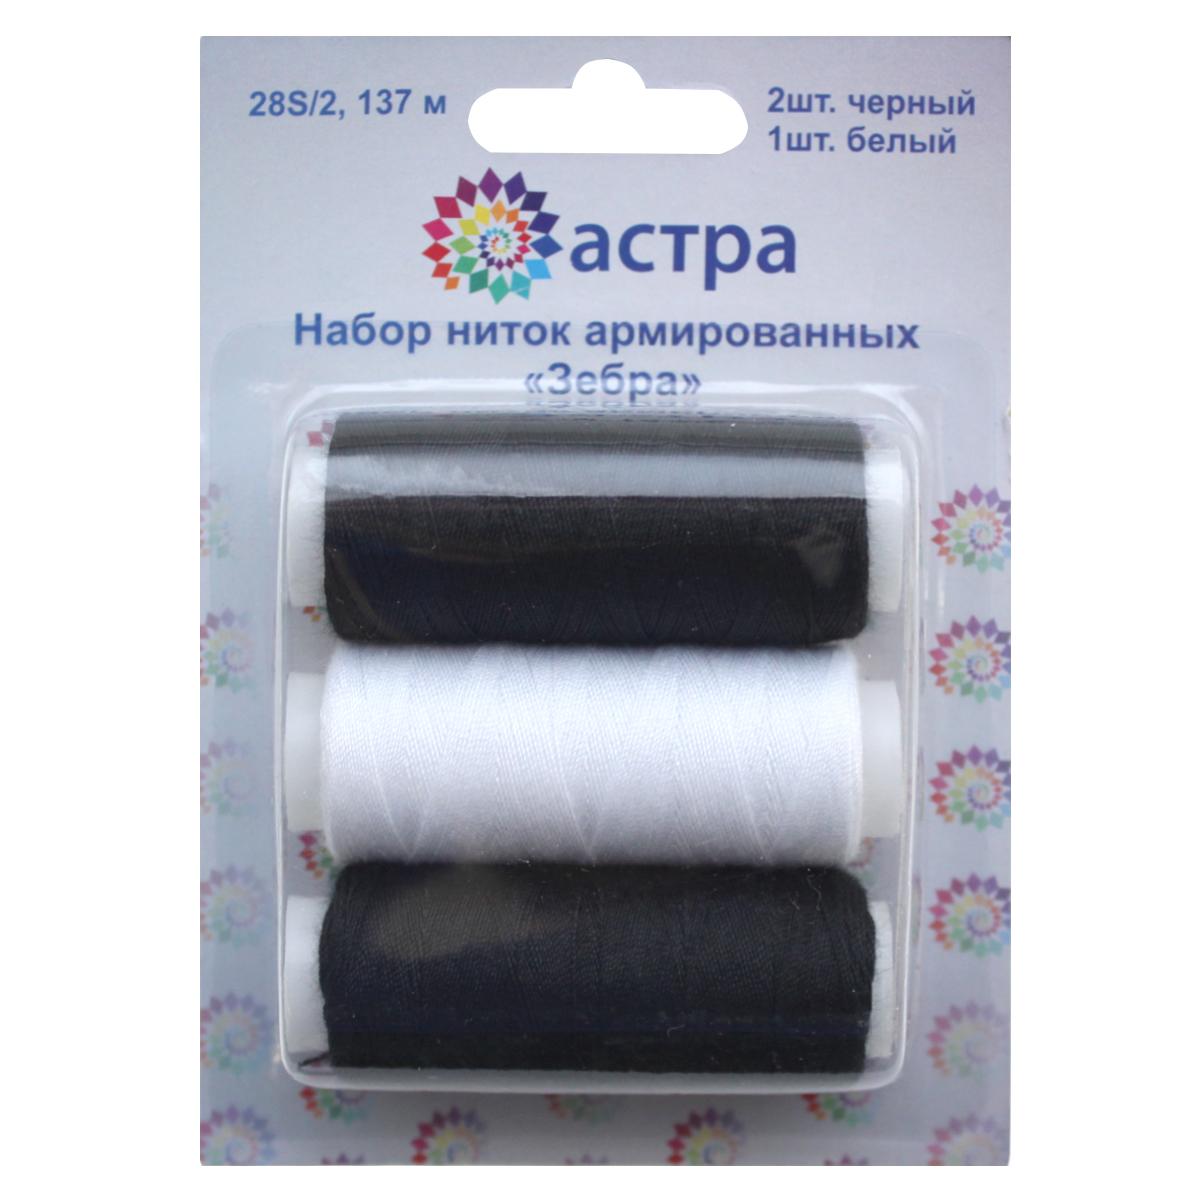 Набор армированных ниток Астра Зебра 28S/2, 150 ярд, 3 шт7711523используются для пошива верхней одежды из плотных тканей (в том числе с пропиткой), для спецодежды, для выполнения рельефных, декоративных швов.